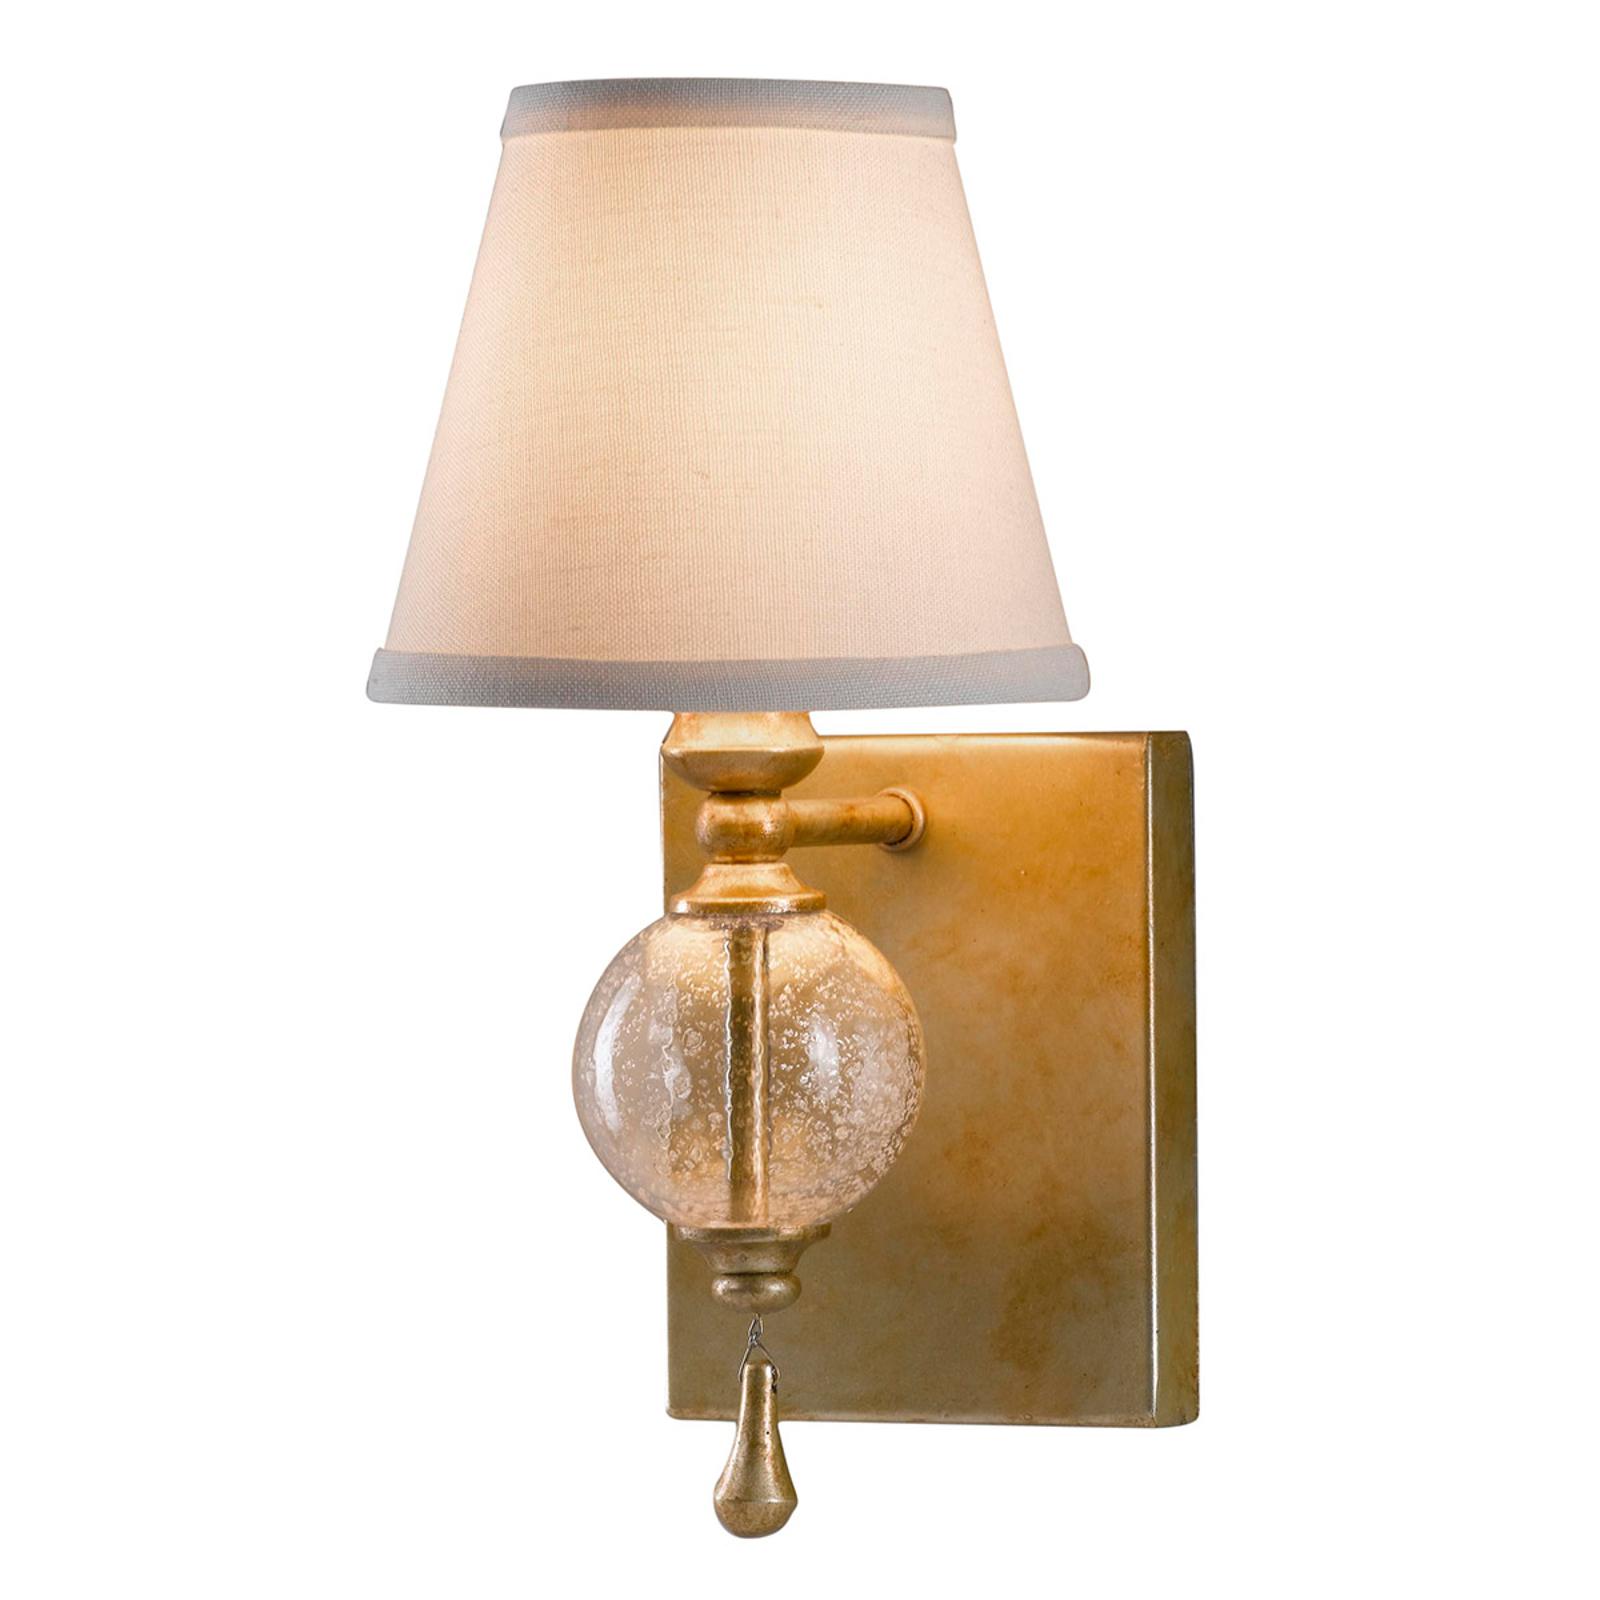 Argento - applique pour un bel éclairage